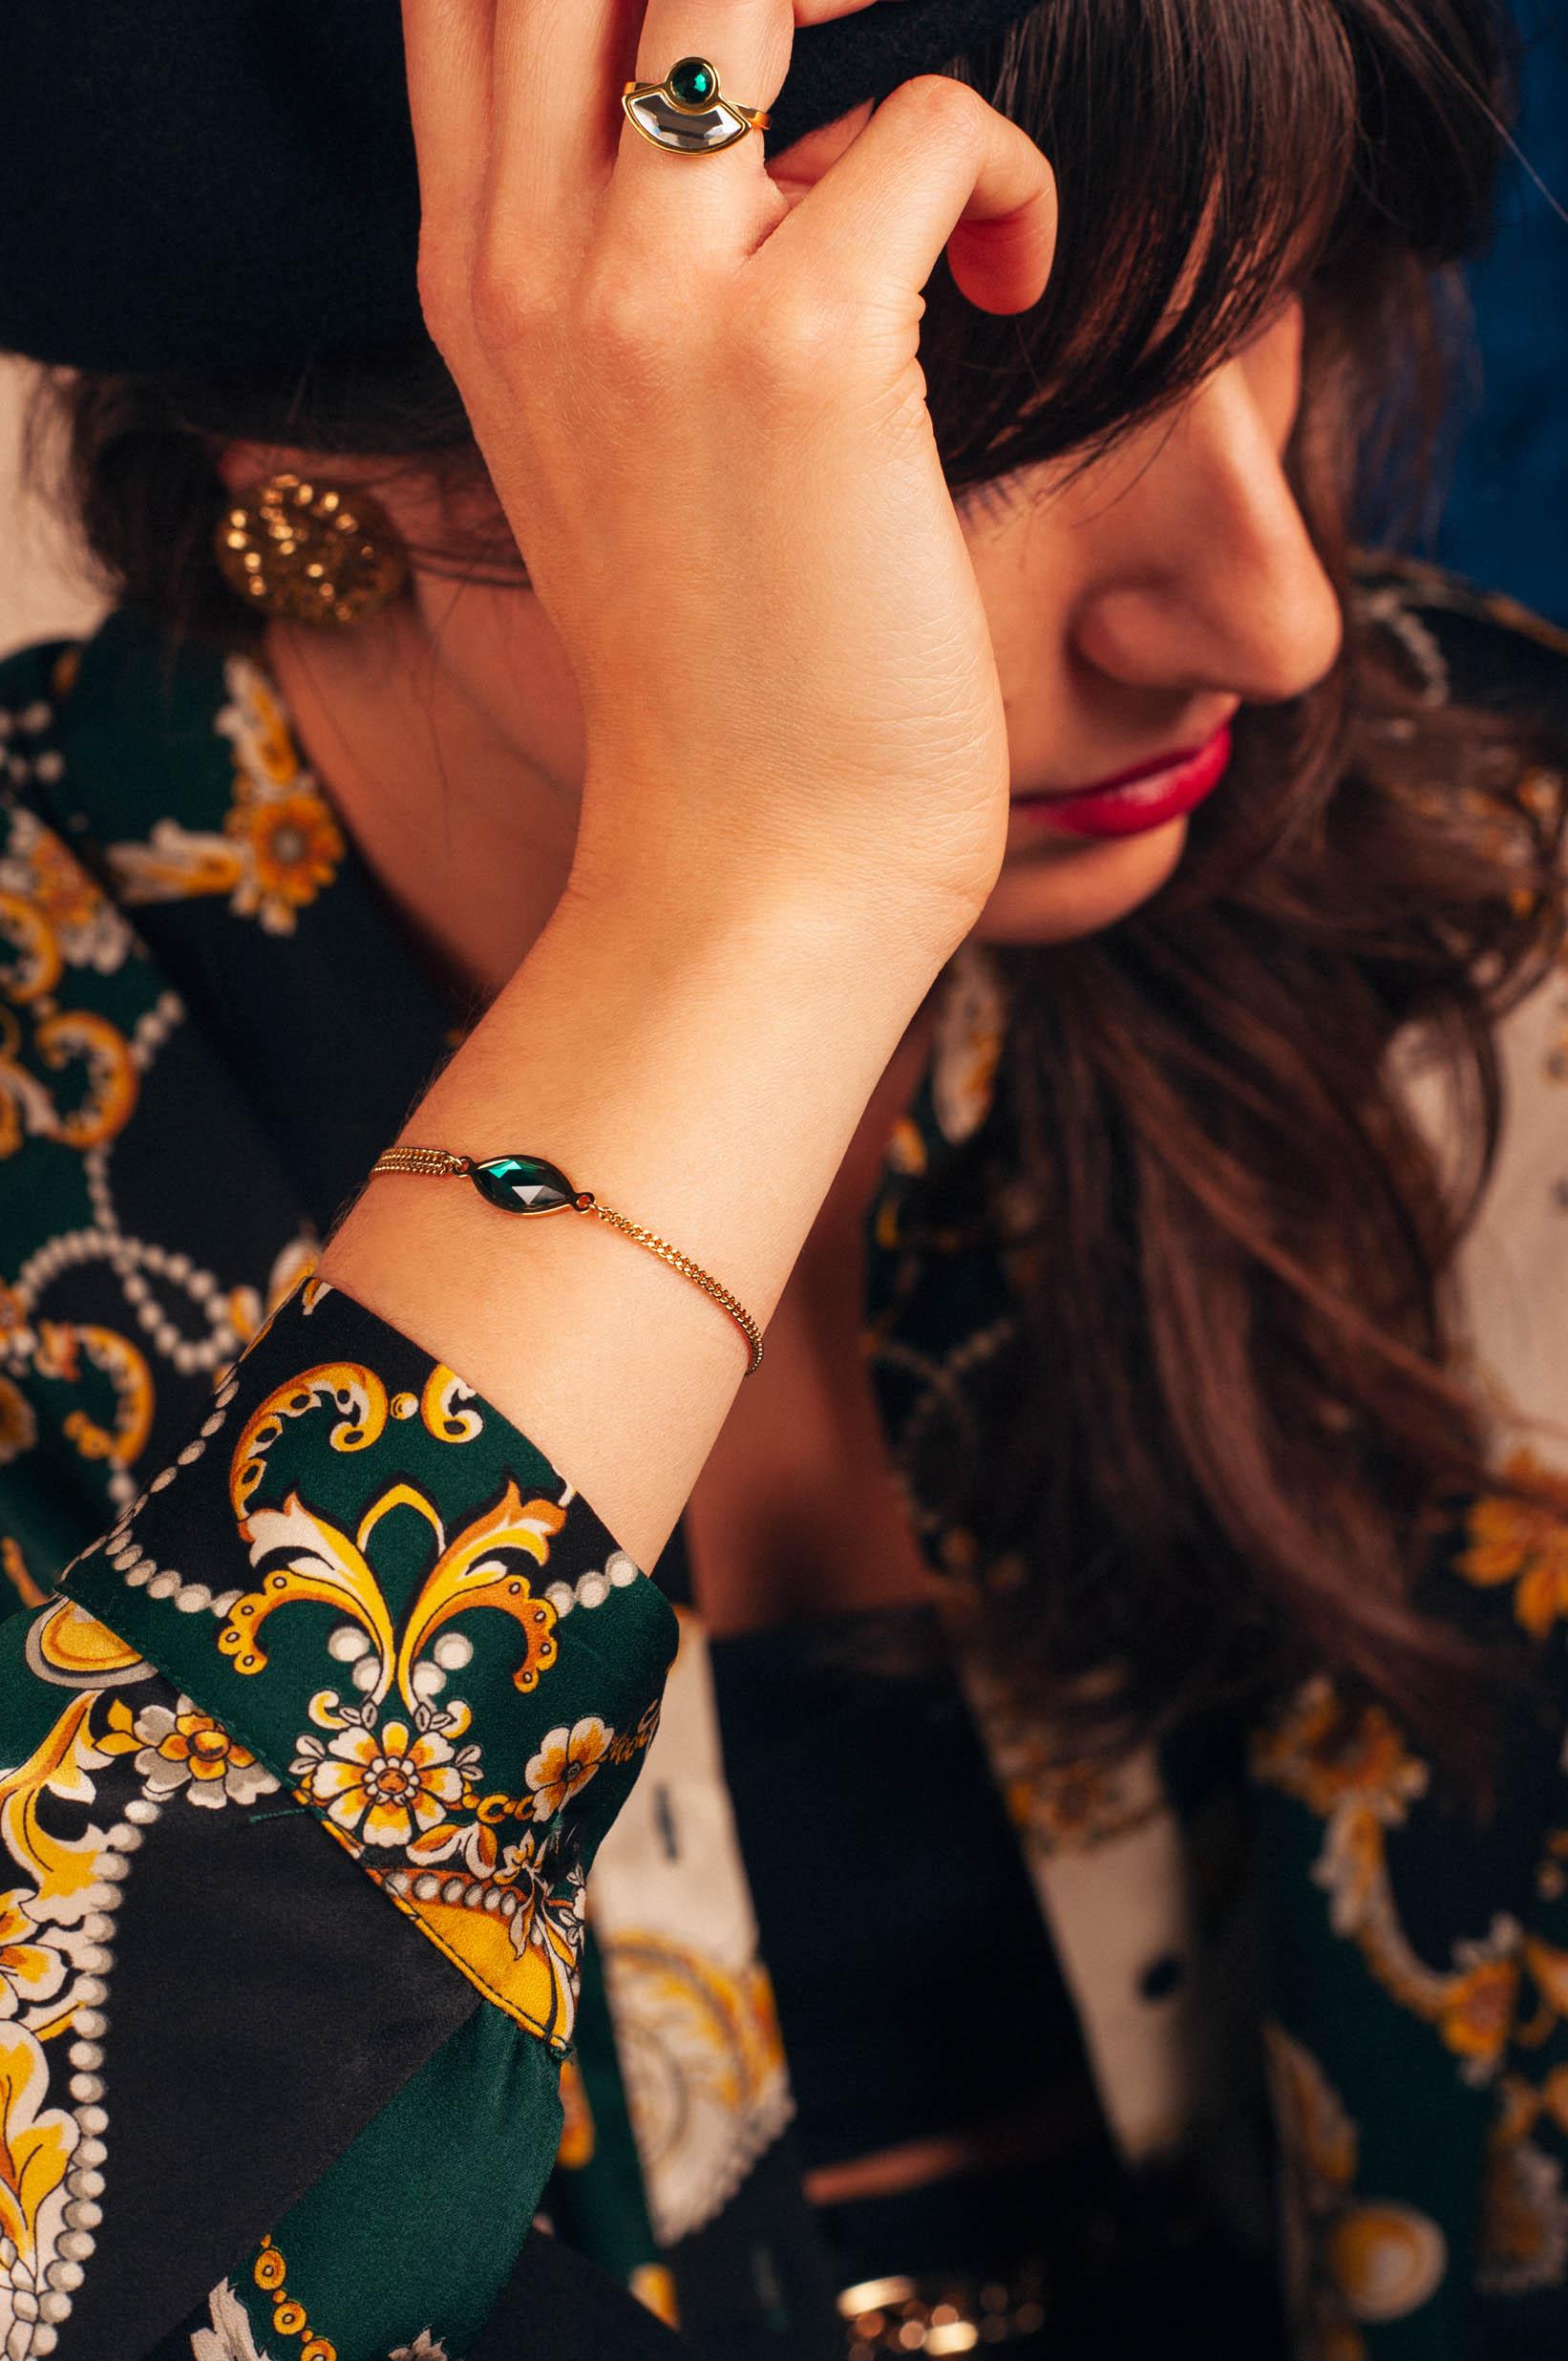 Lookbook_lestatillonnes_0012_Karen_bracelet_emeraude.jpg